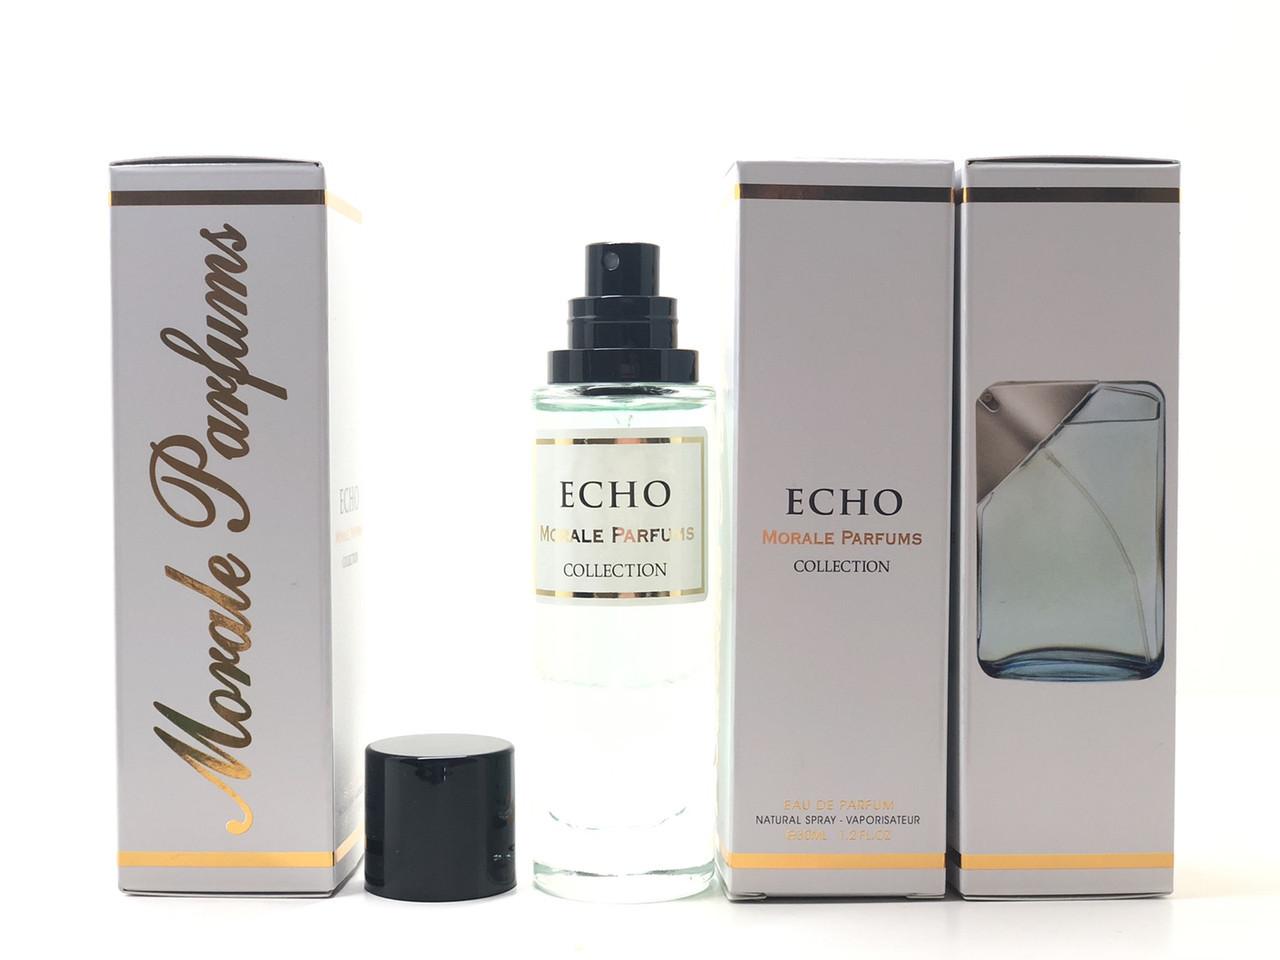 Чоловічий аромат Echo Morale Parfums (Ехо Морал Парфум) 30 мл